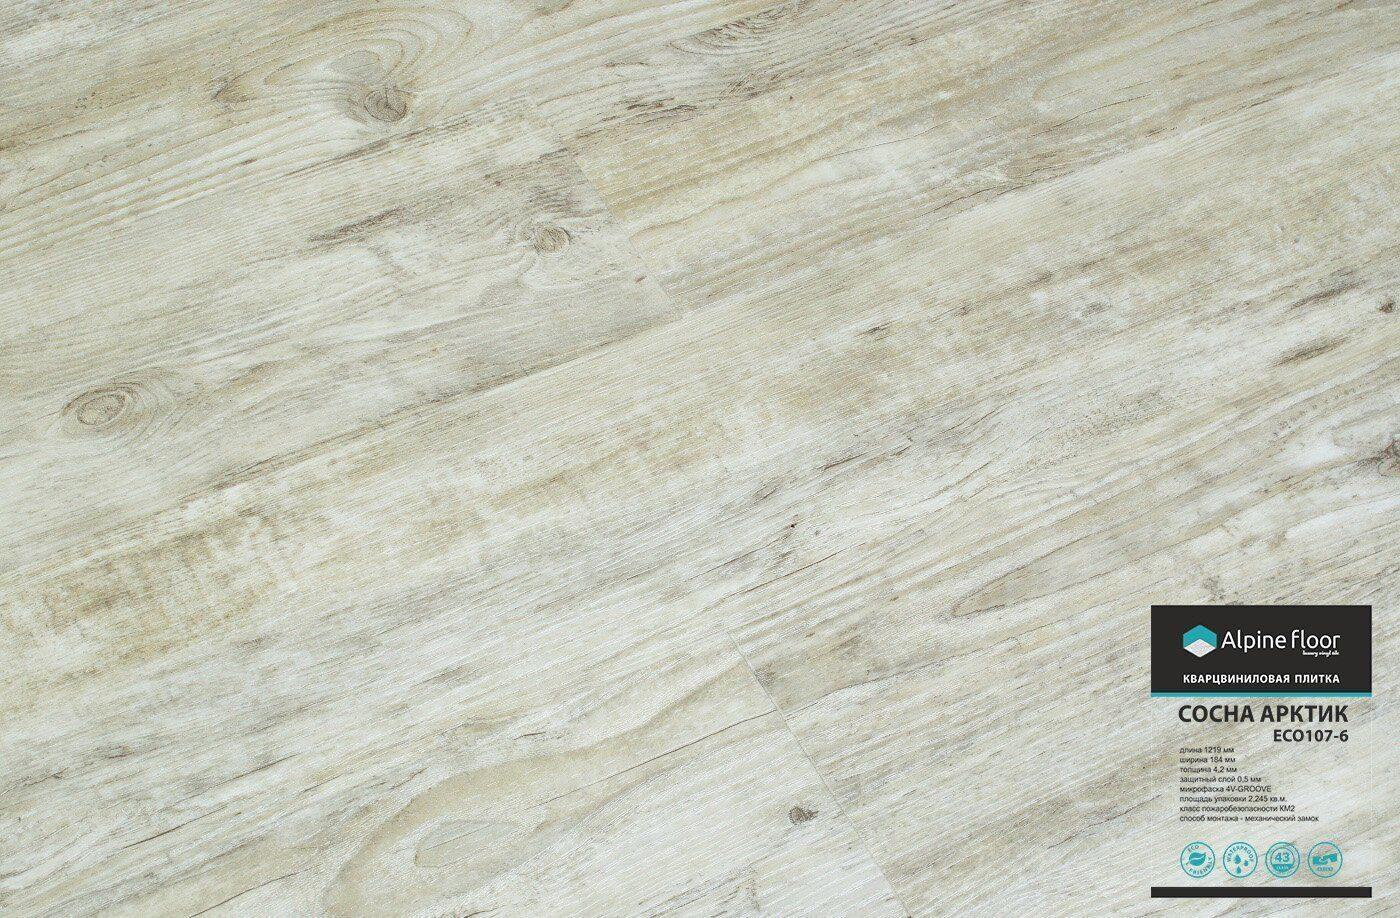 специалистом купить кварц виниловый ламинат в спб дорогостоящей плитки(стоимость